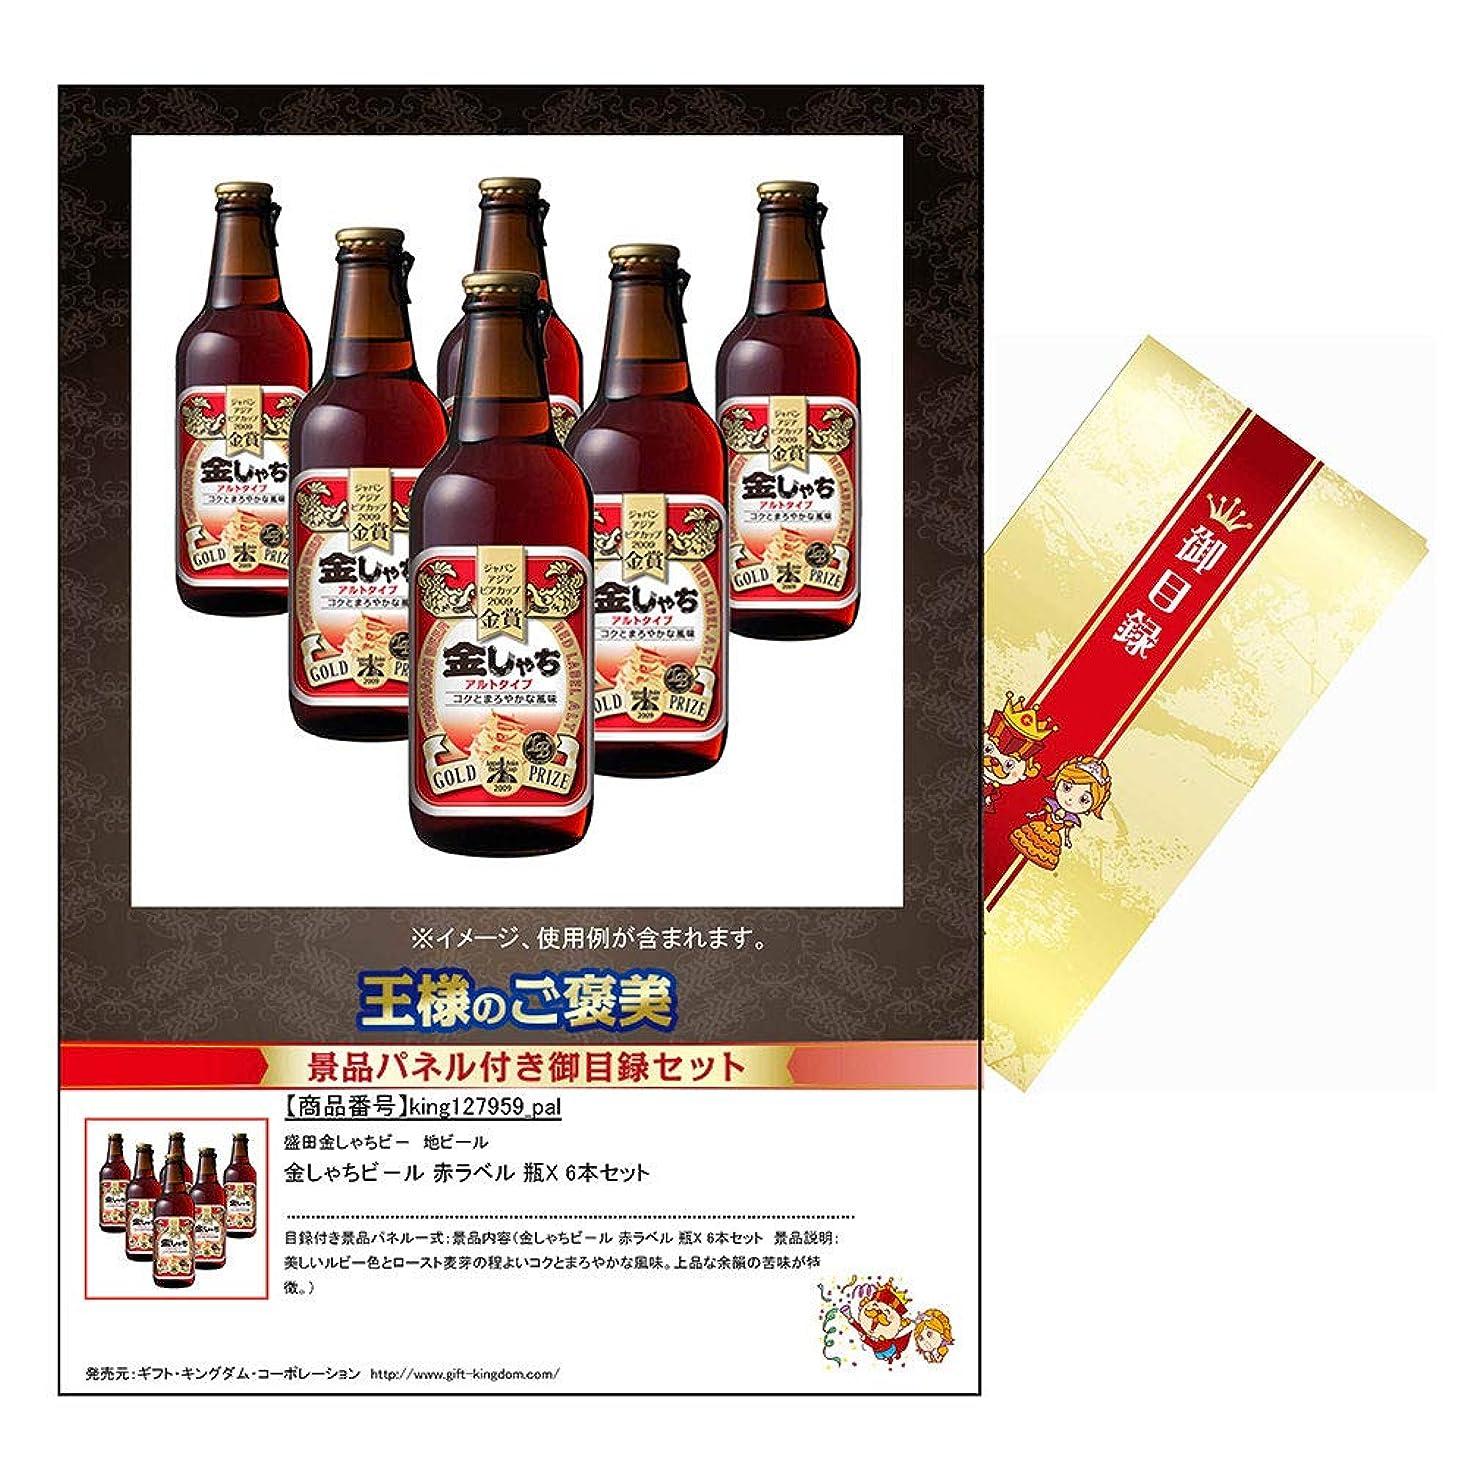 クリック他の場所眉をひそめる景品 目録 パネル 王様のご褒美   金しゃちビ-ル 赤ラベル 瓶X 6本セット KING127959 [地ビール]   商品引換券でお届け